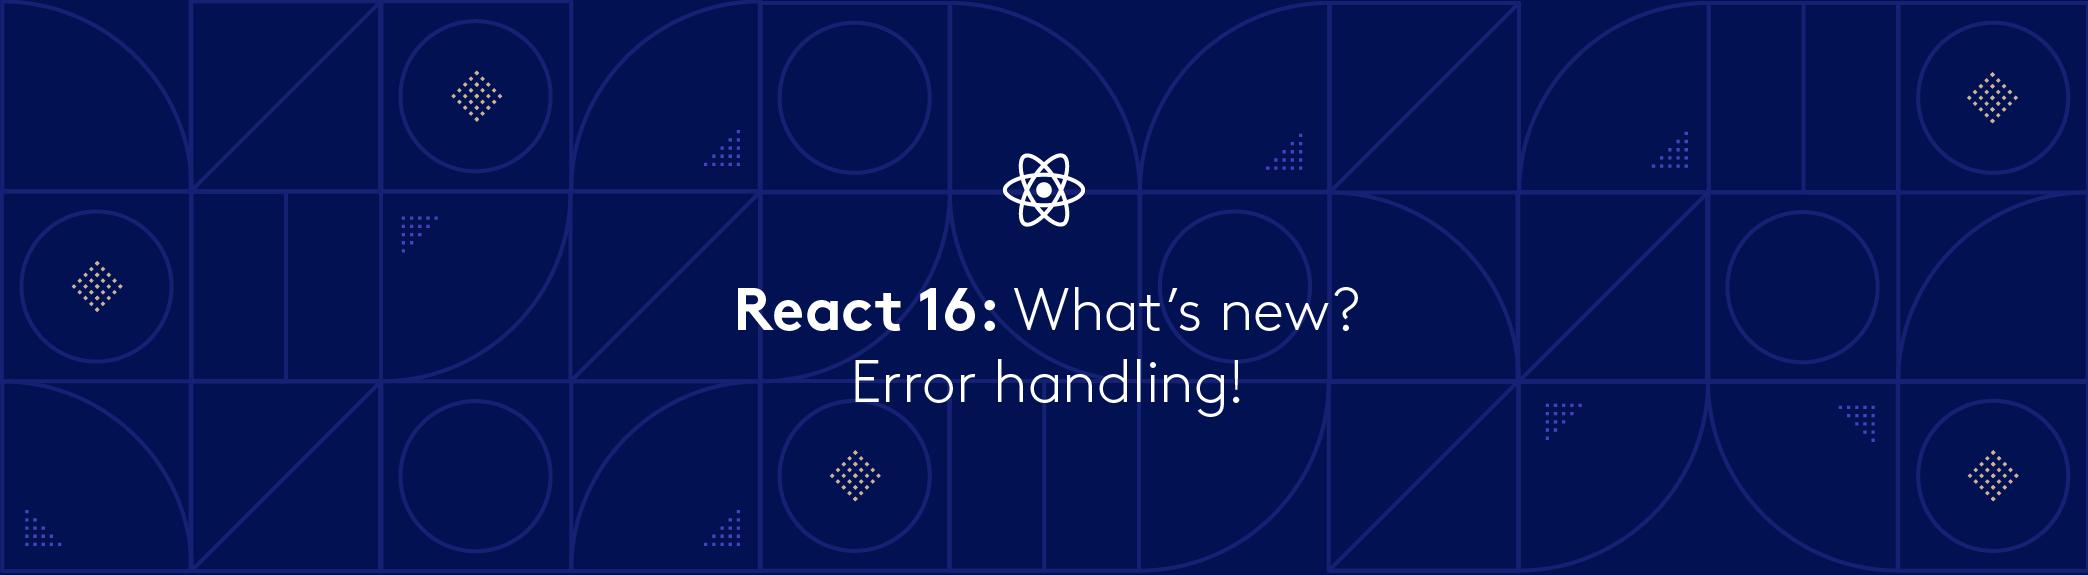 React 16: What's new? Error handling! | Bugsnag Blog